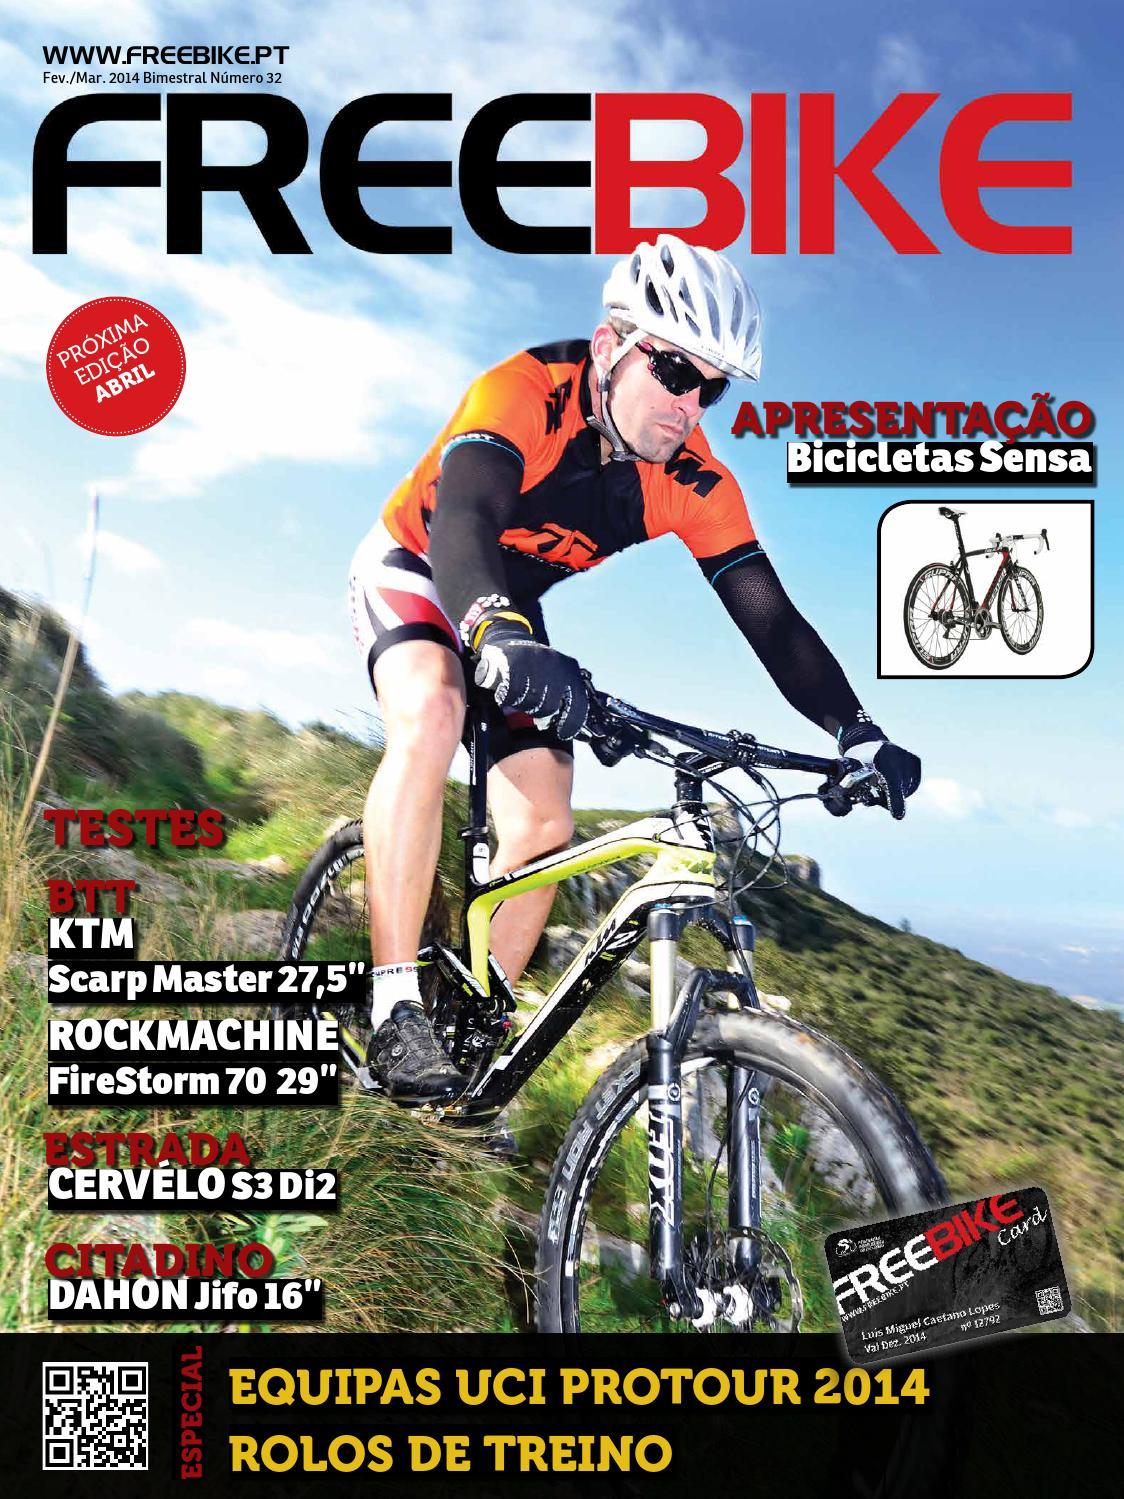 Freebike032 by Freebike - issuu 1986ed5abd